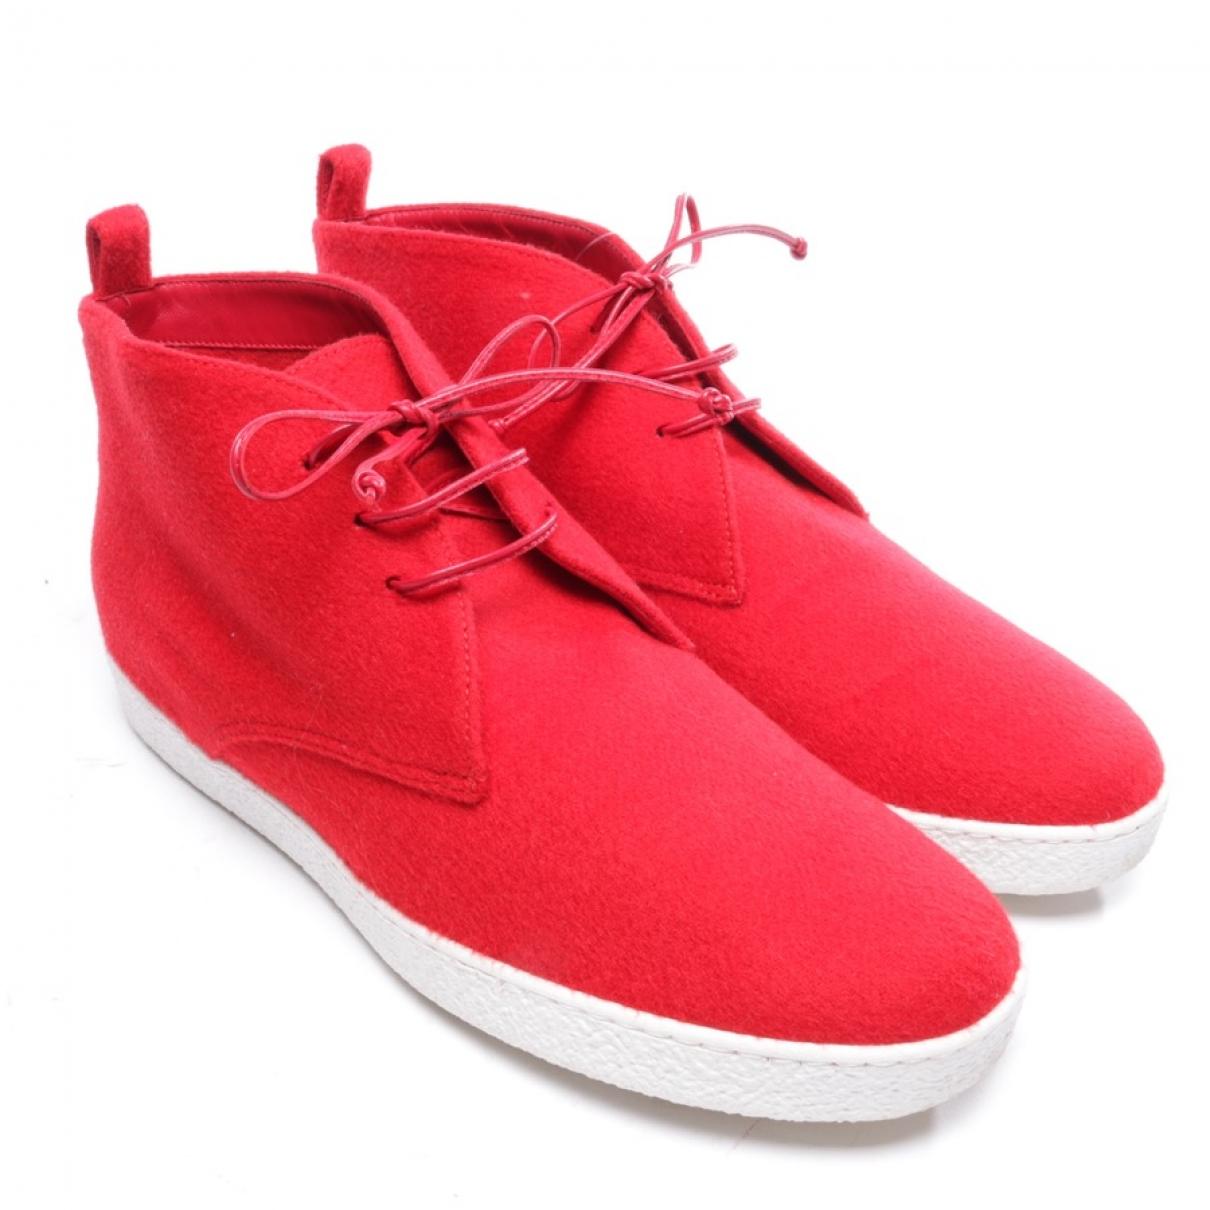 Unutzer - Baskets   pour homme en toile - rouge